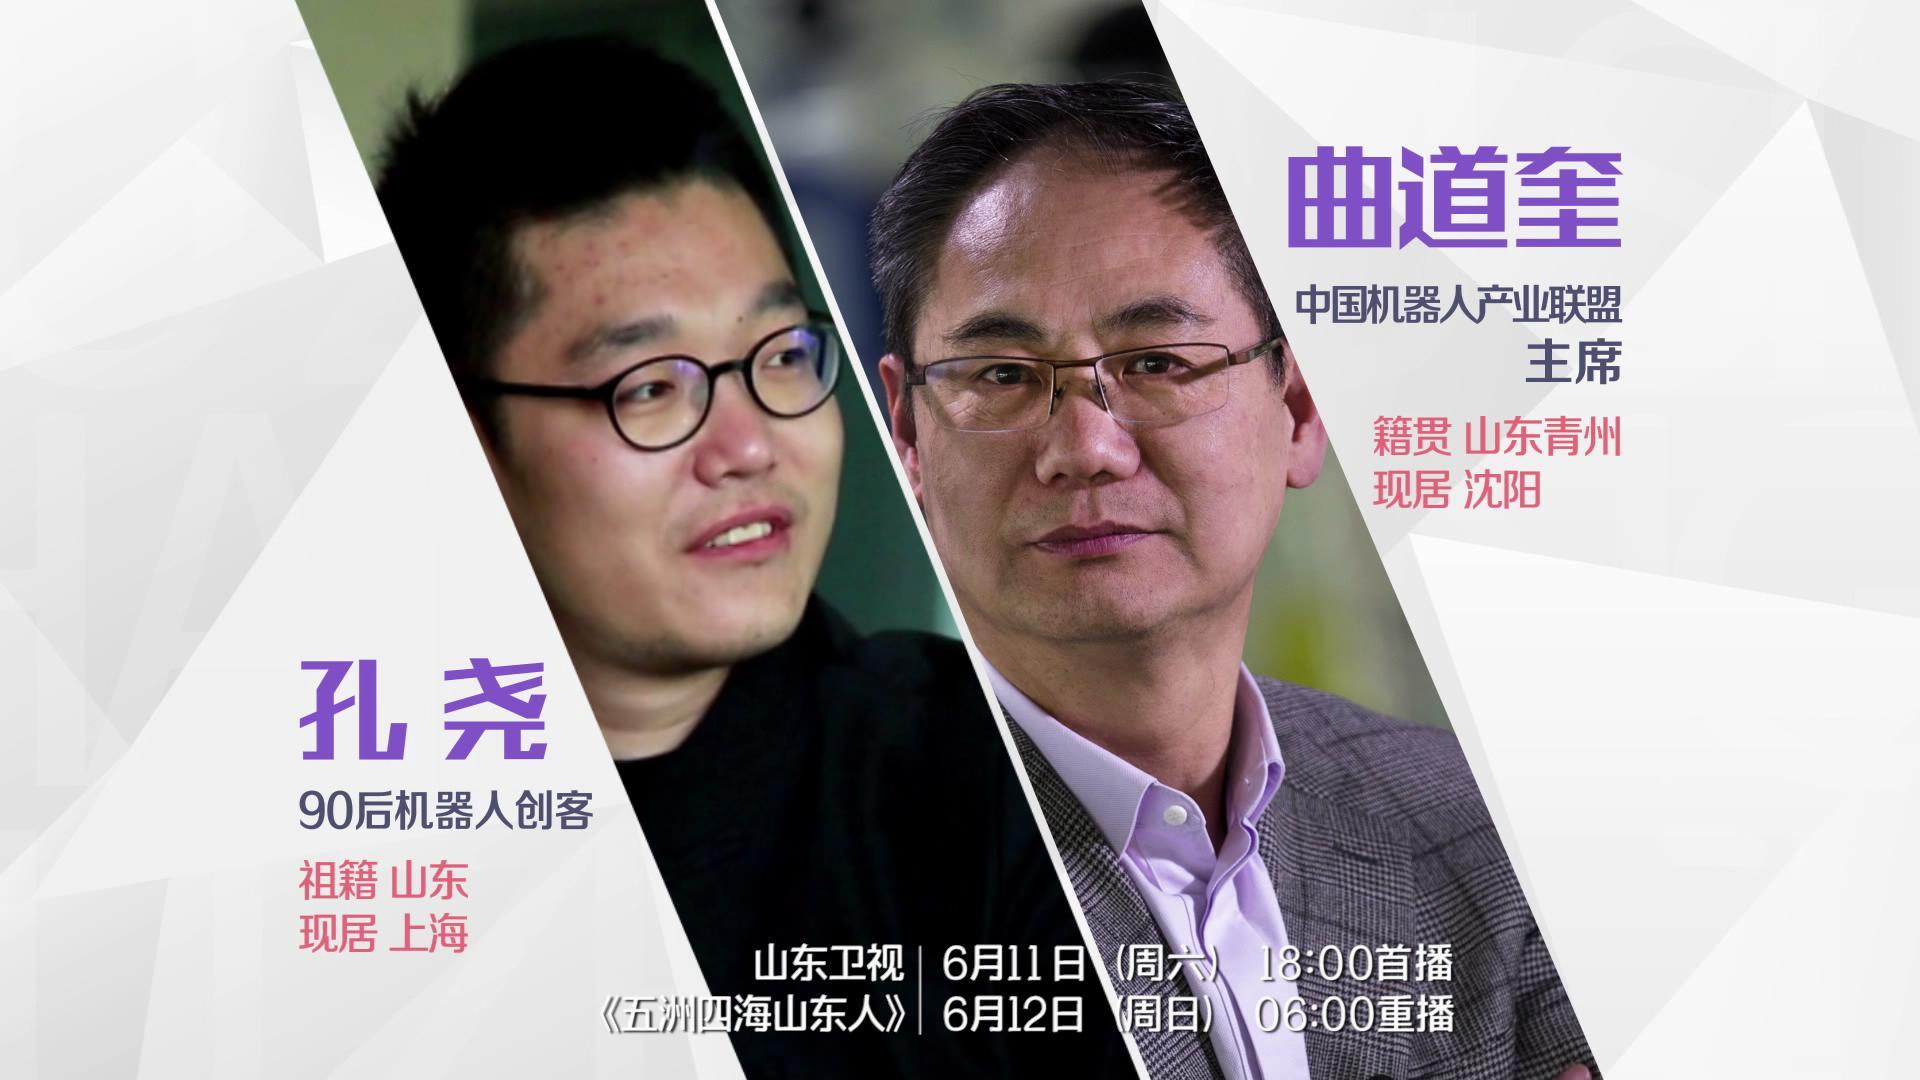 6月11日预告 | 曲道奎&孔尧:当孙悟空遇到钢铁侠